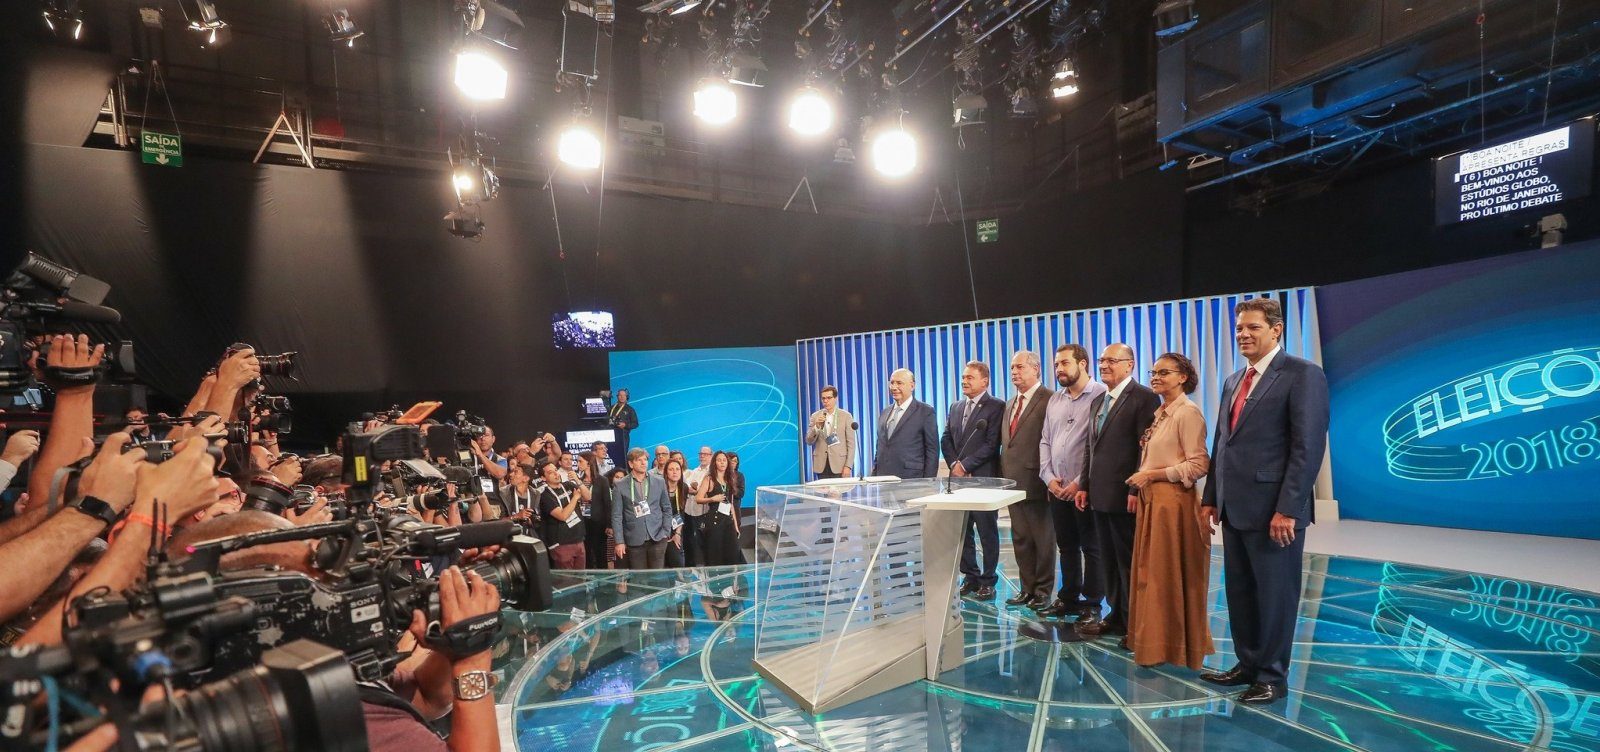 [Ausência de Bolsonaro motiva críticas de adversários em último debate]